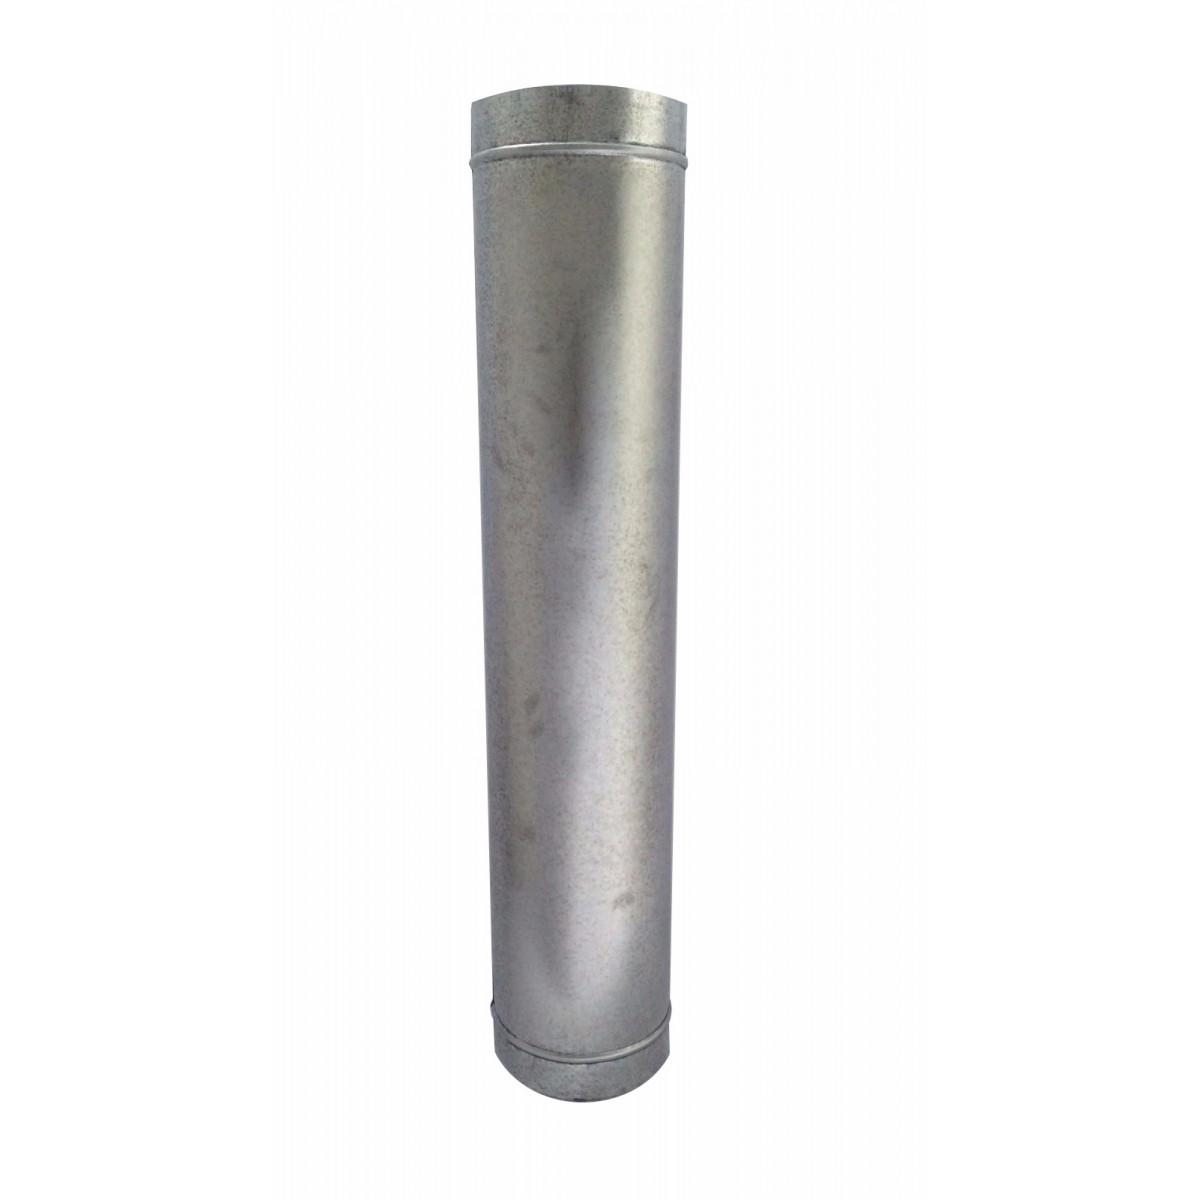 Duto galvanizado para chaminé de 130 mm de diâmetro  - Galvocalhas